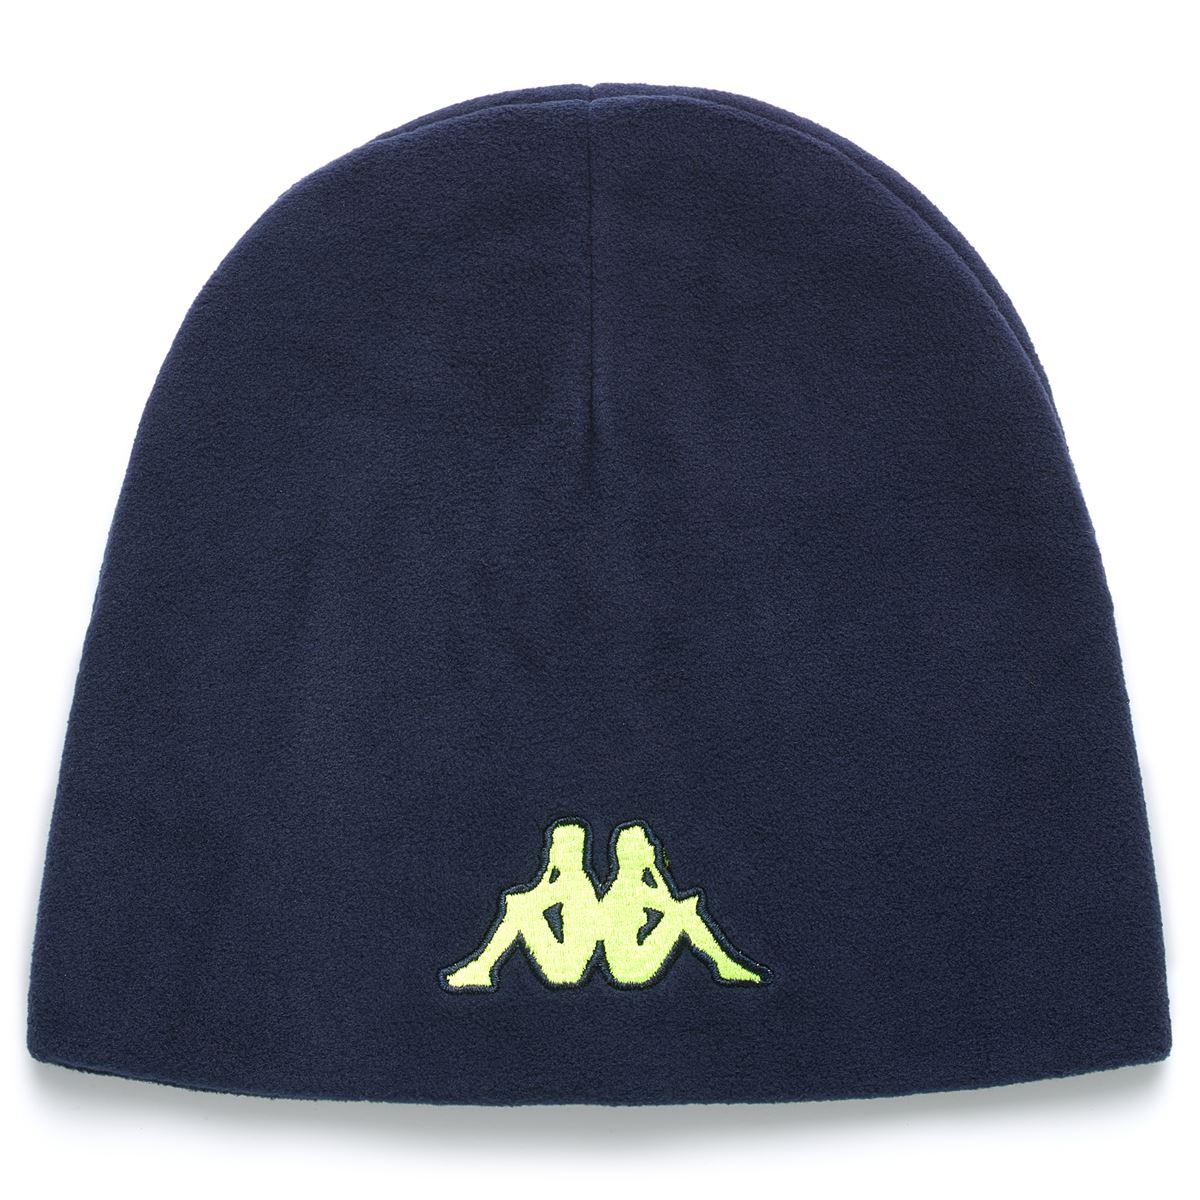 Kappa Headwear Cap Hat PLAYER ATTEN 2 Man Soccer sport Hat